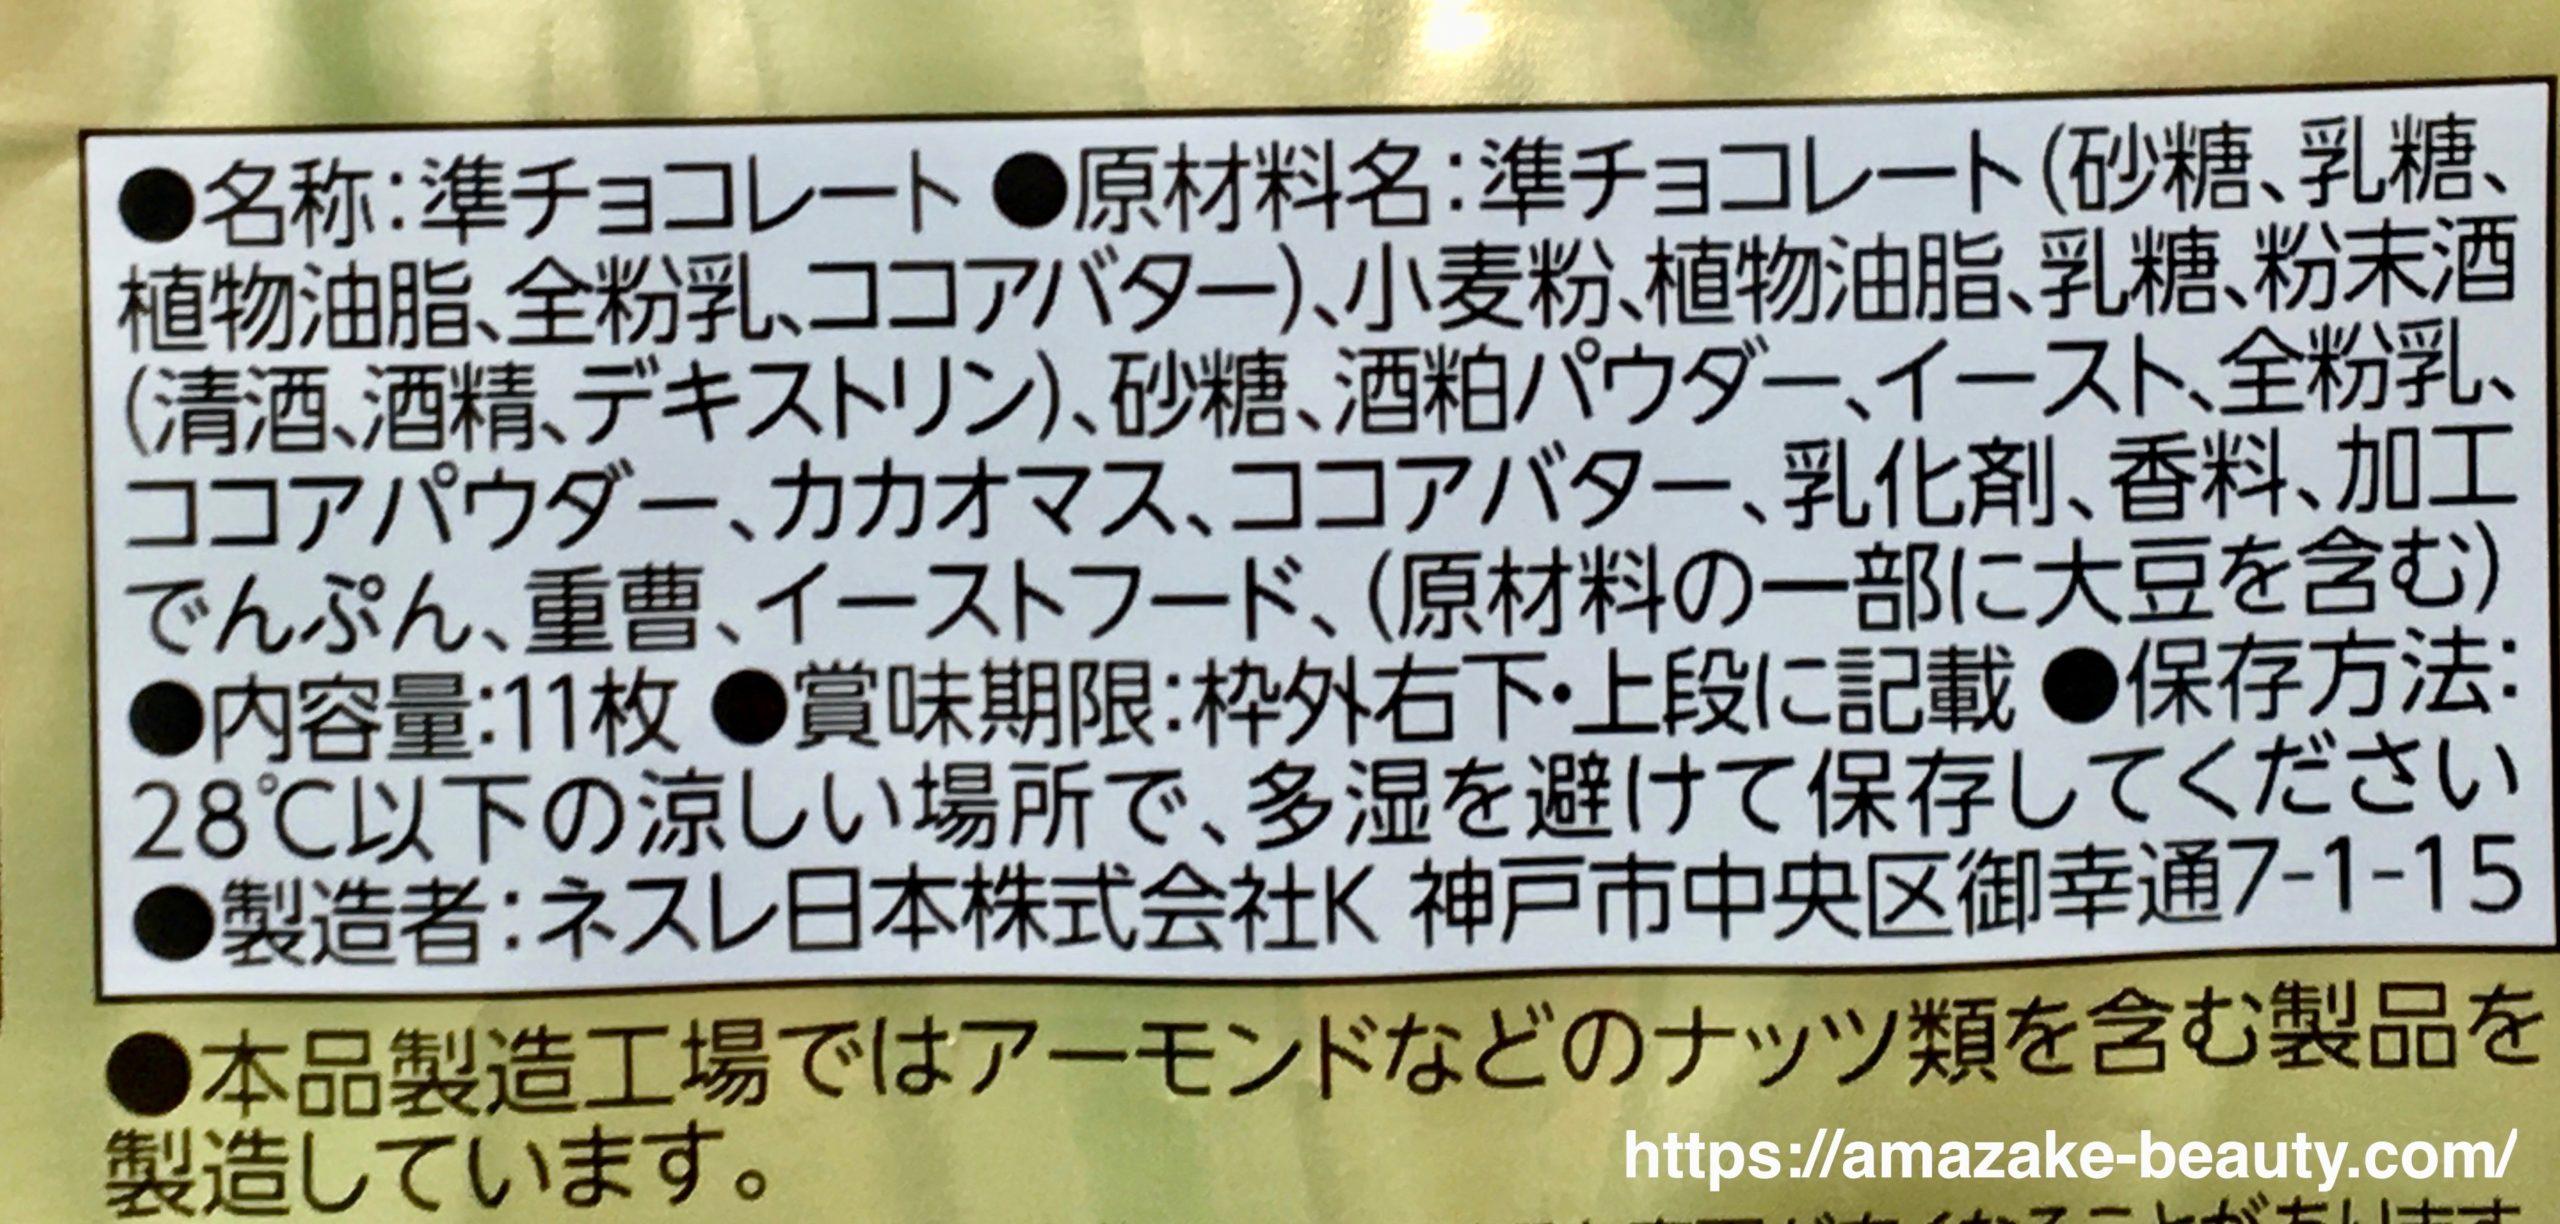 【甘酒甘味】ネスレ『キットカット ミニ 甘酒味』(商品情報)